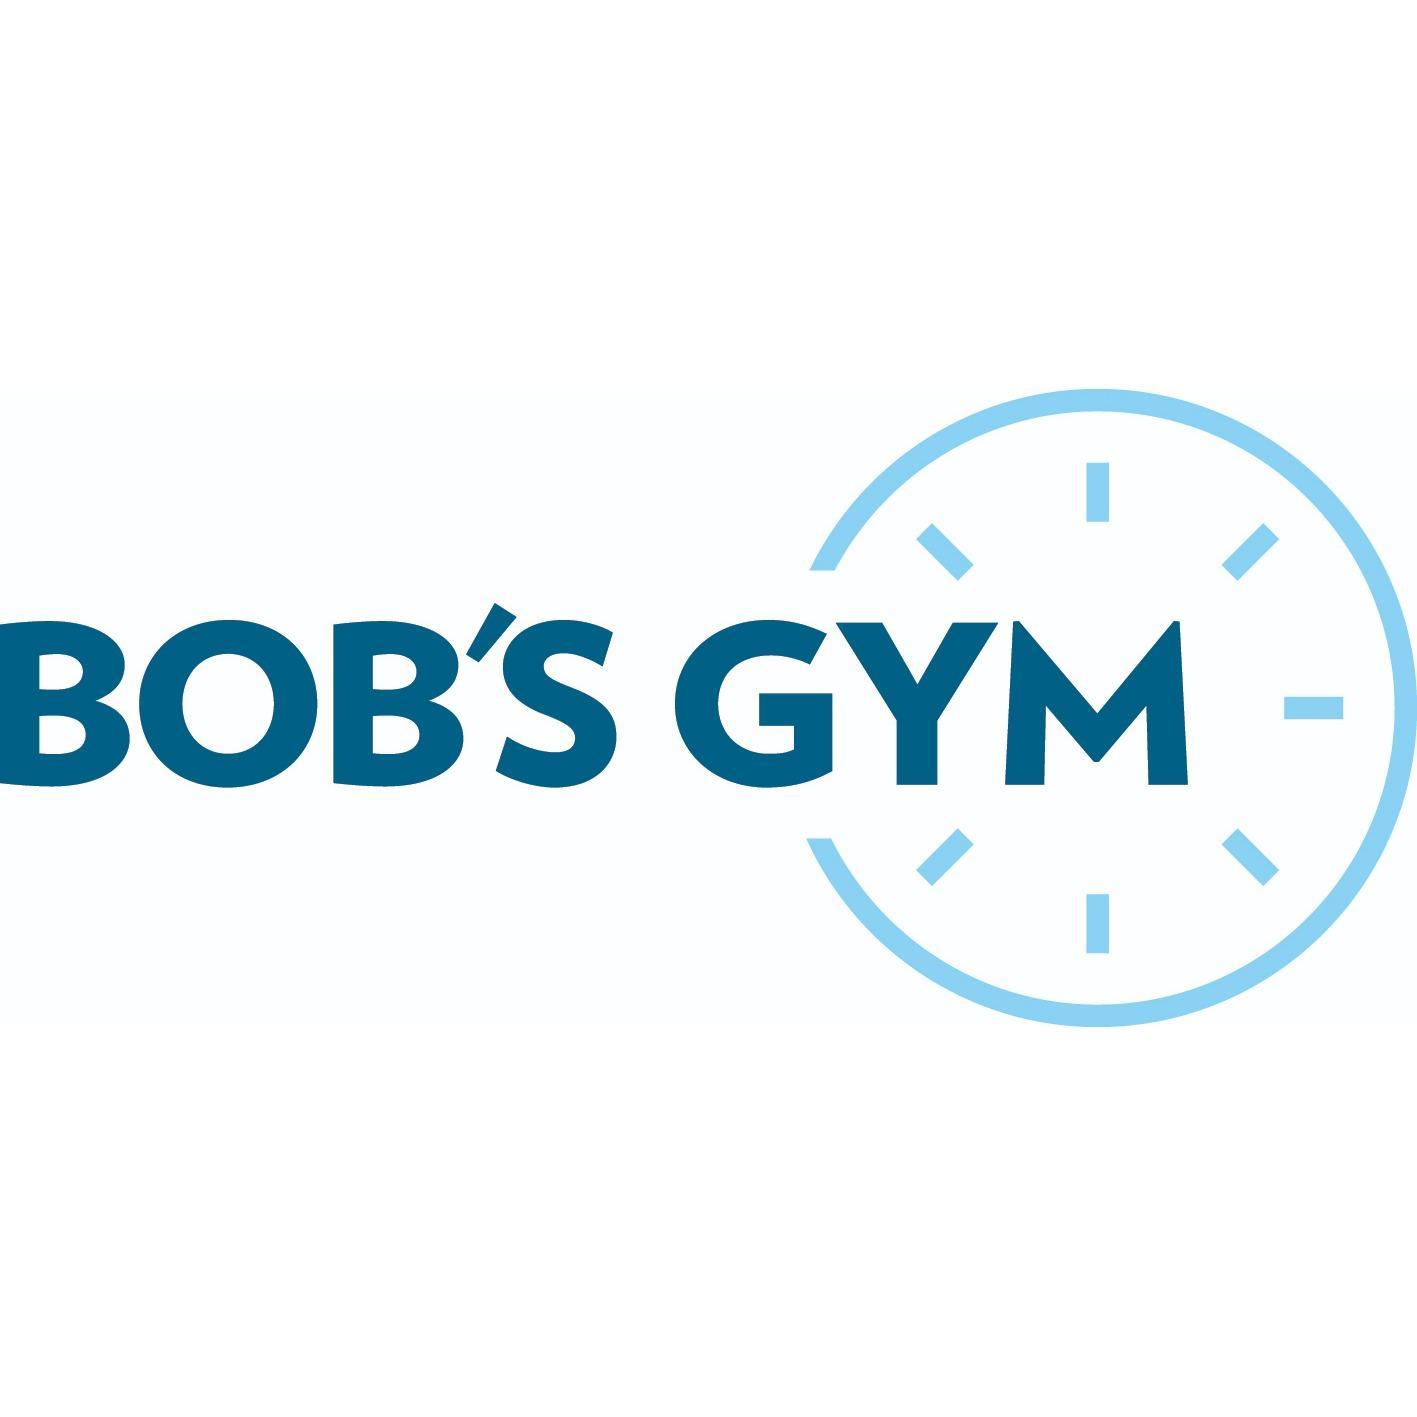 Bob's Gym East image 0